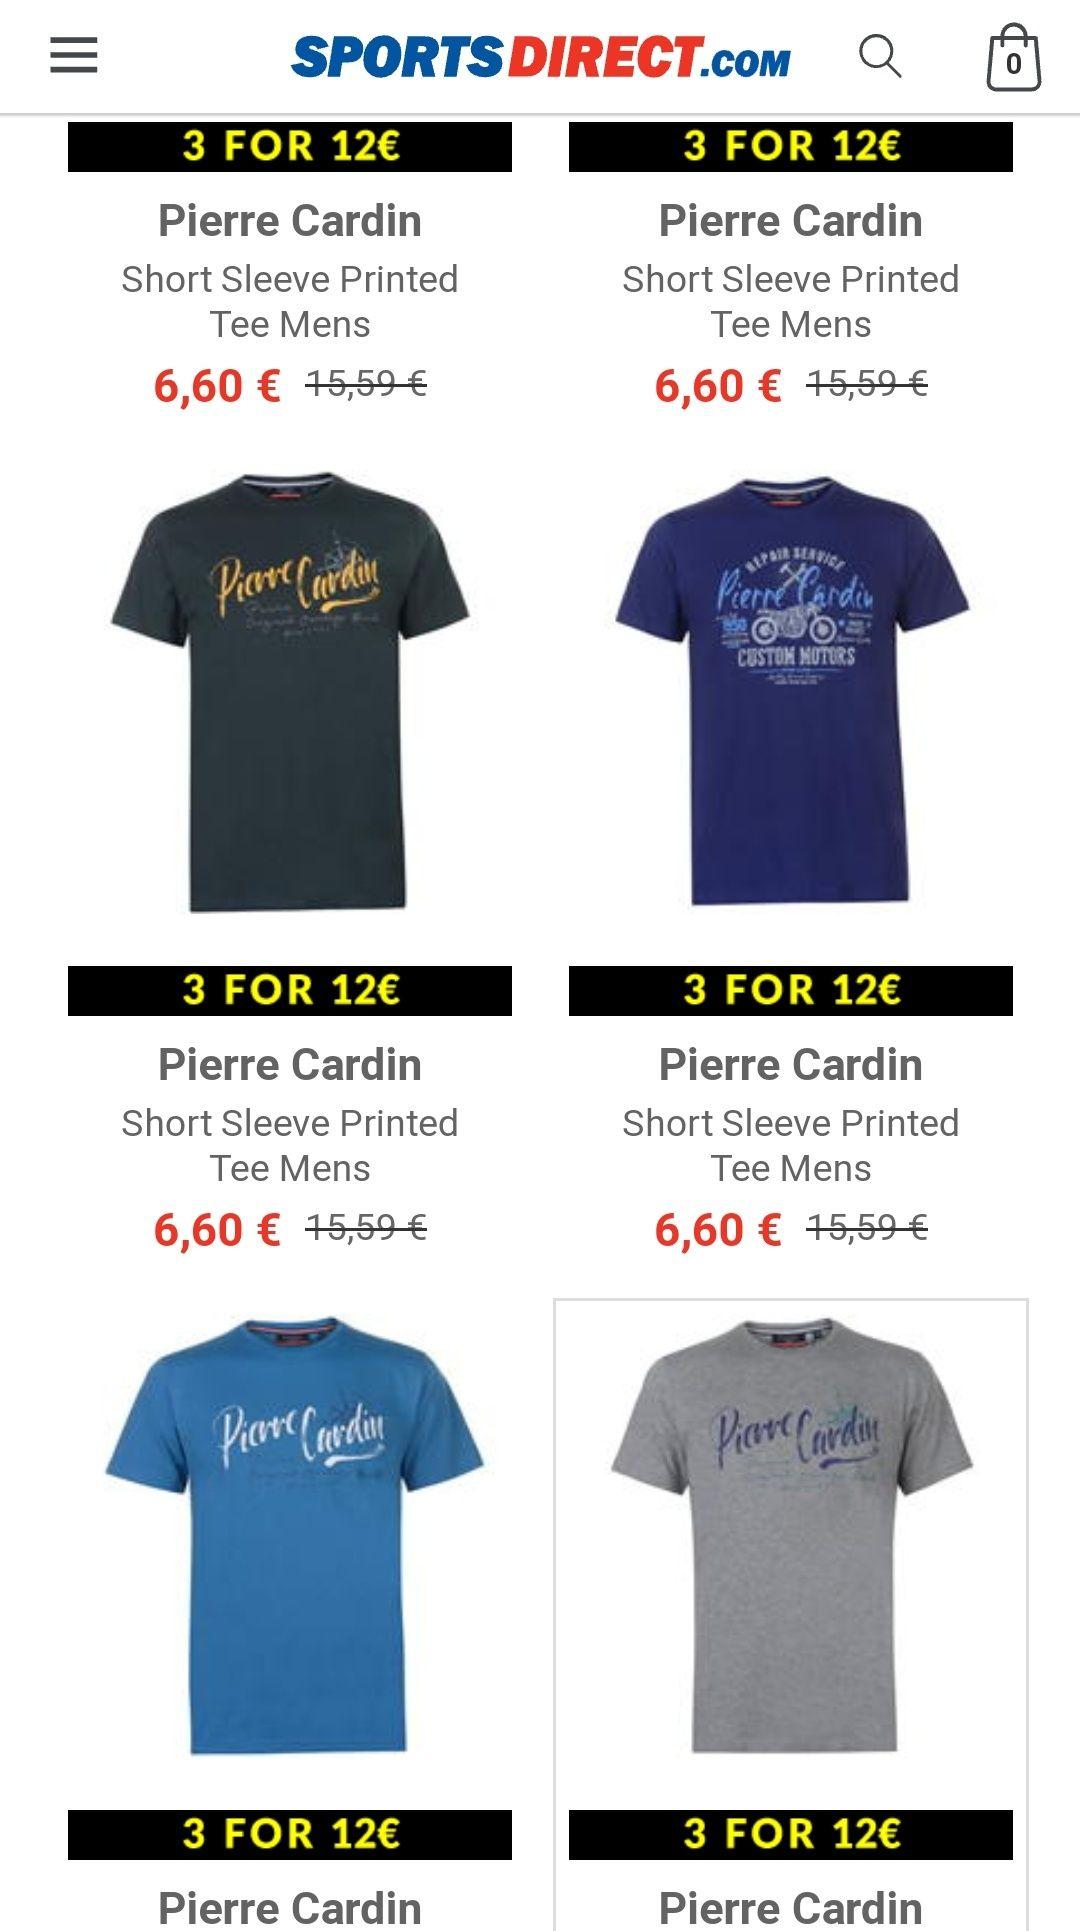 Tres Camisetas por 12 euros + Envio. Sports Direct